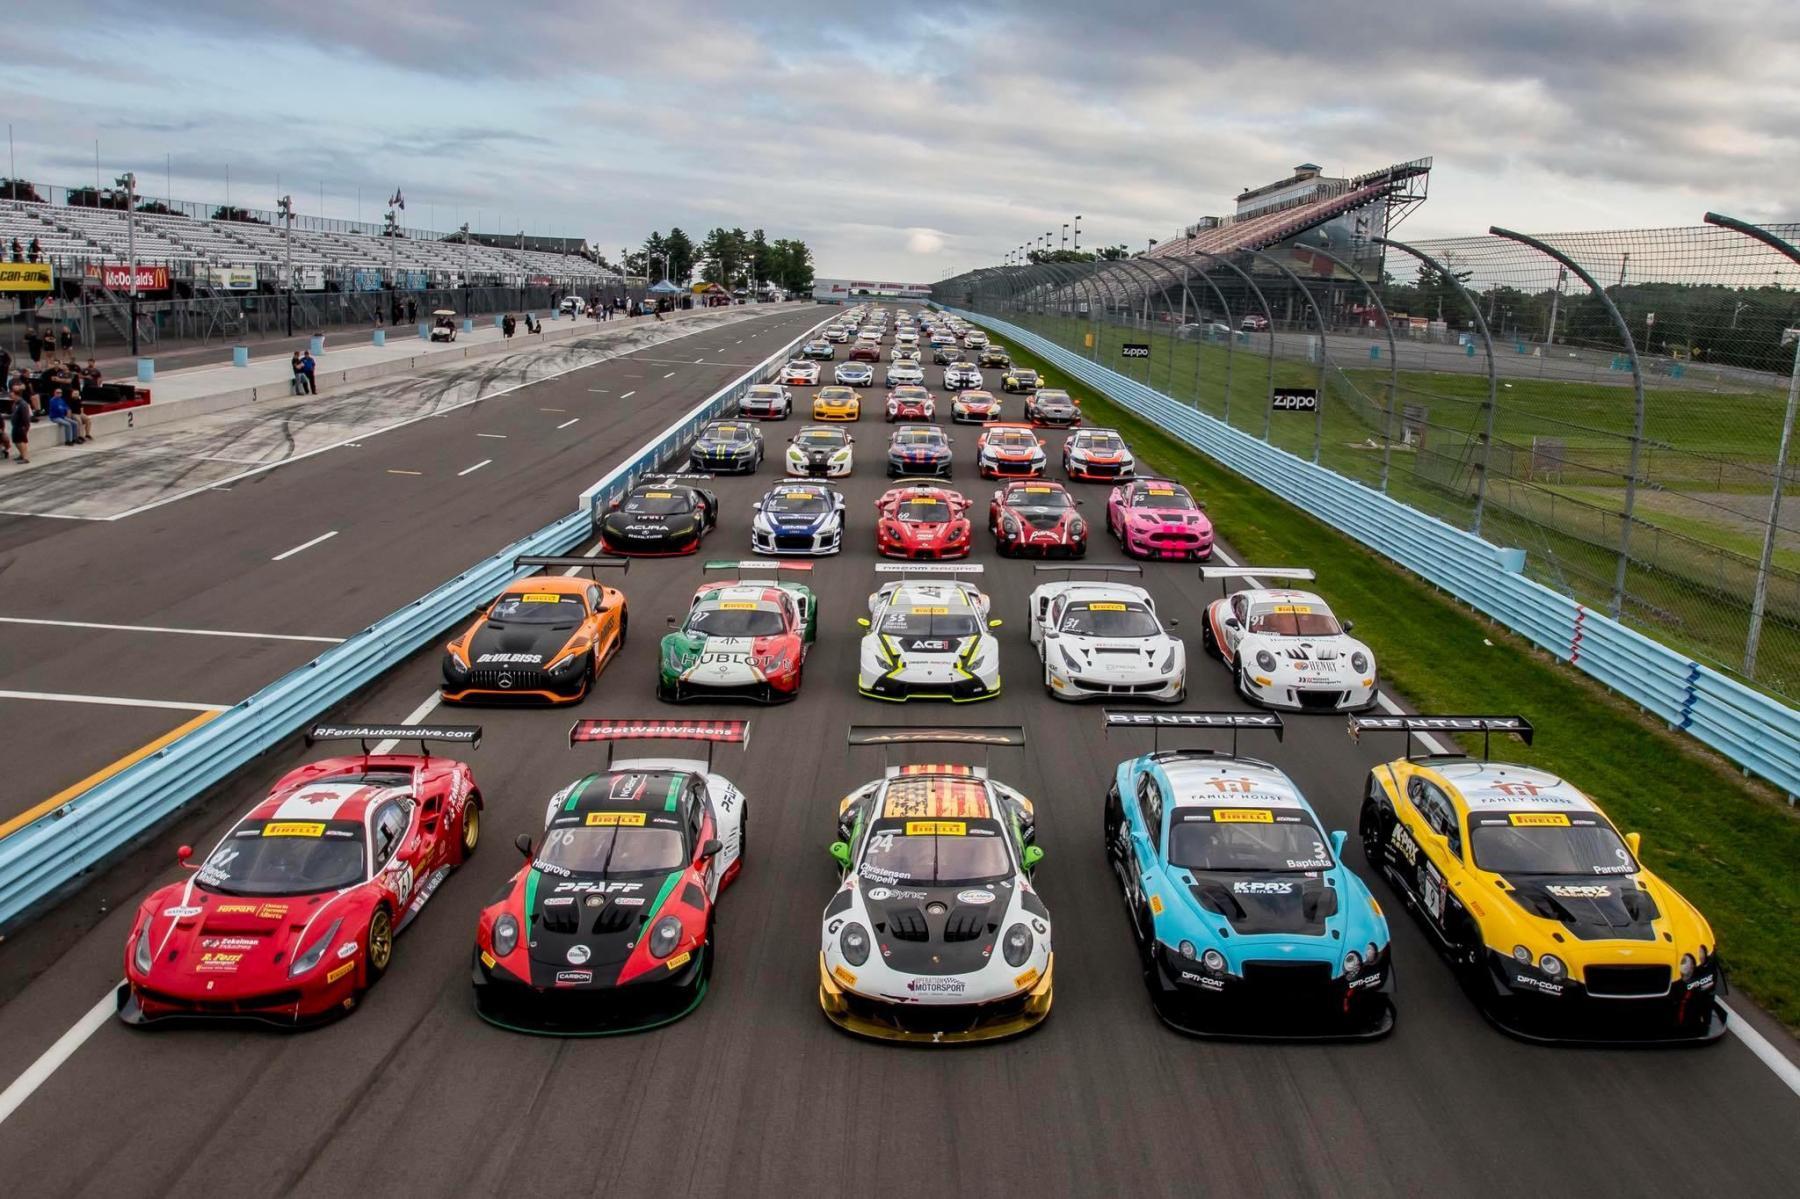 Watkins Glen Blancpain GT World Challenge America